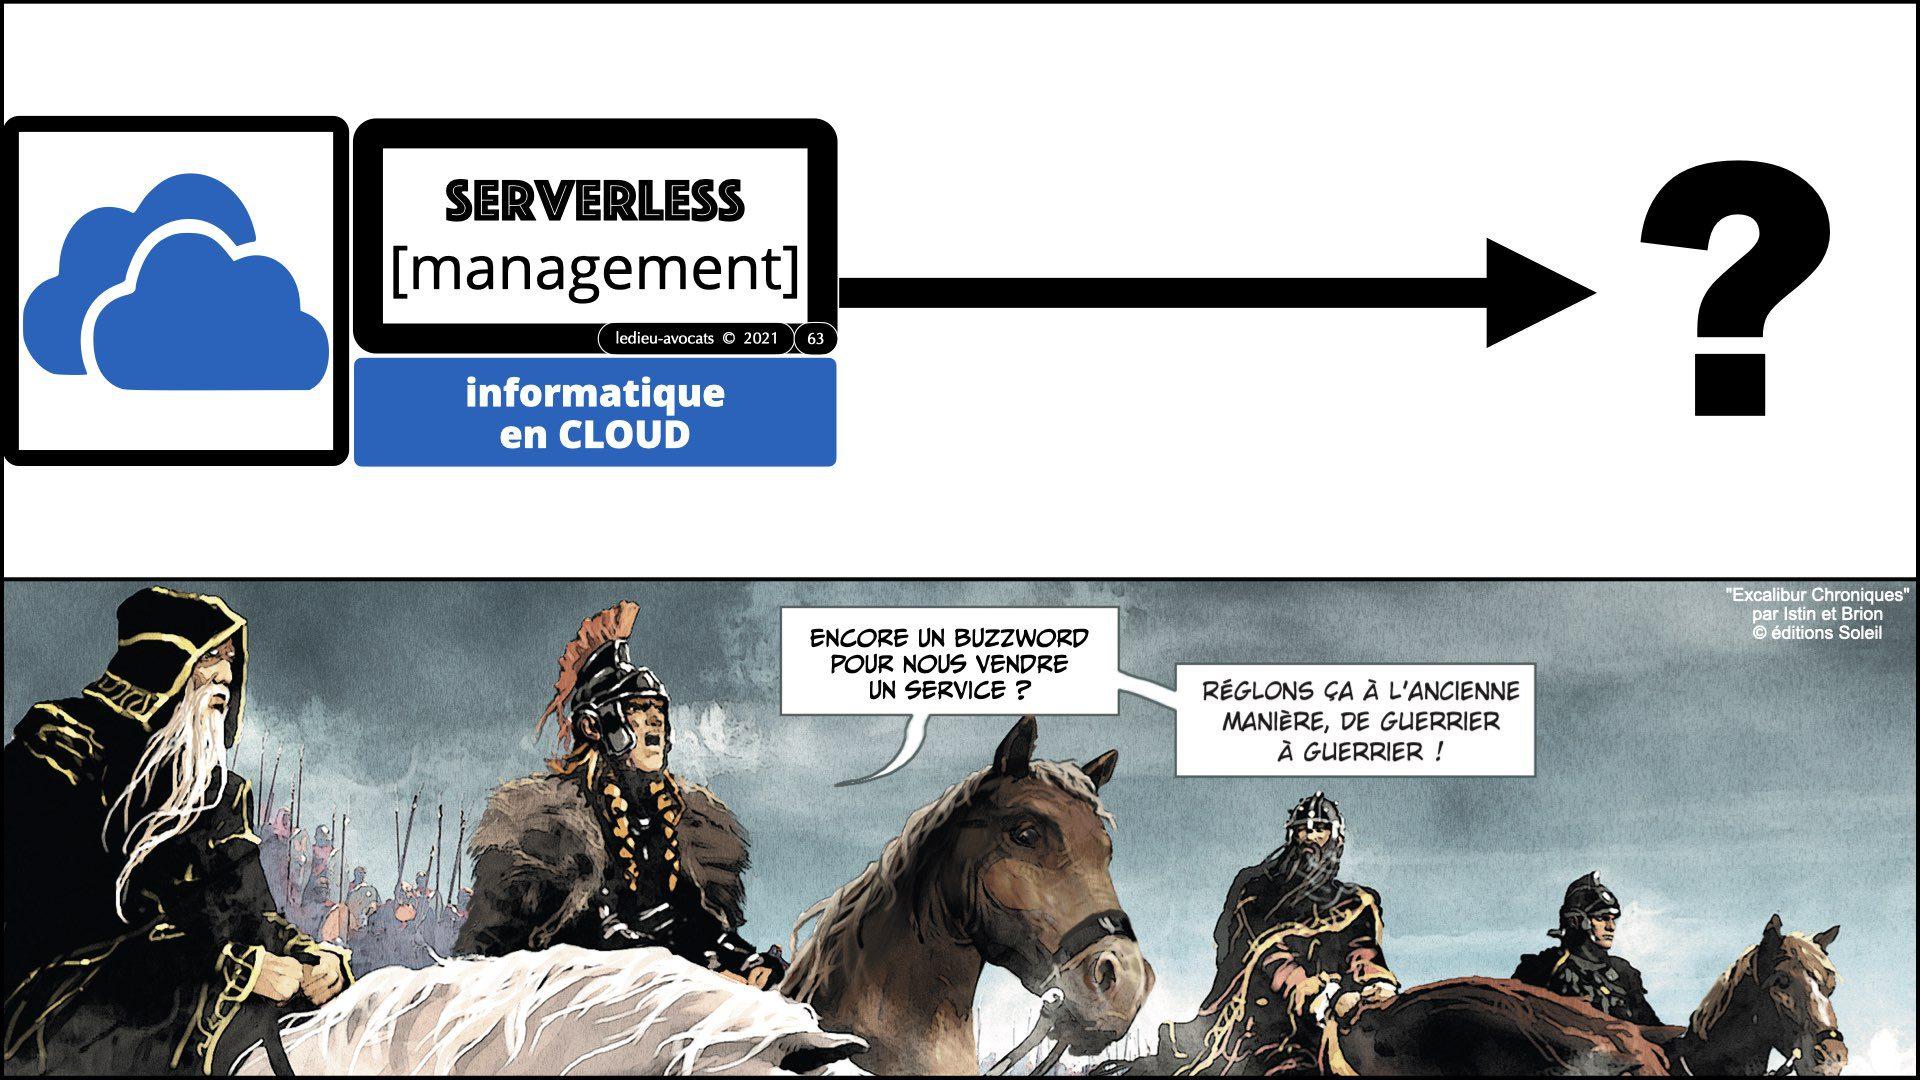 """service LOGICIEL SaaS et """"serverless"""" (management)"""